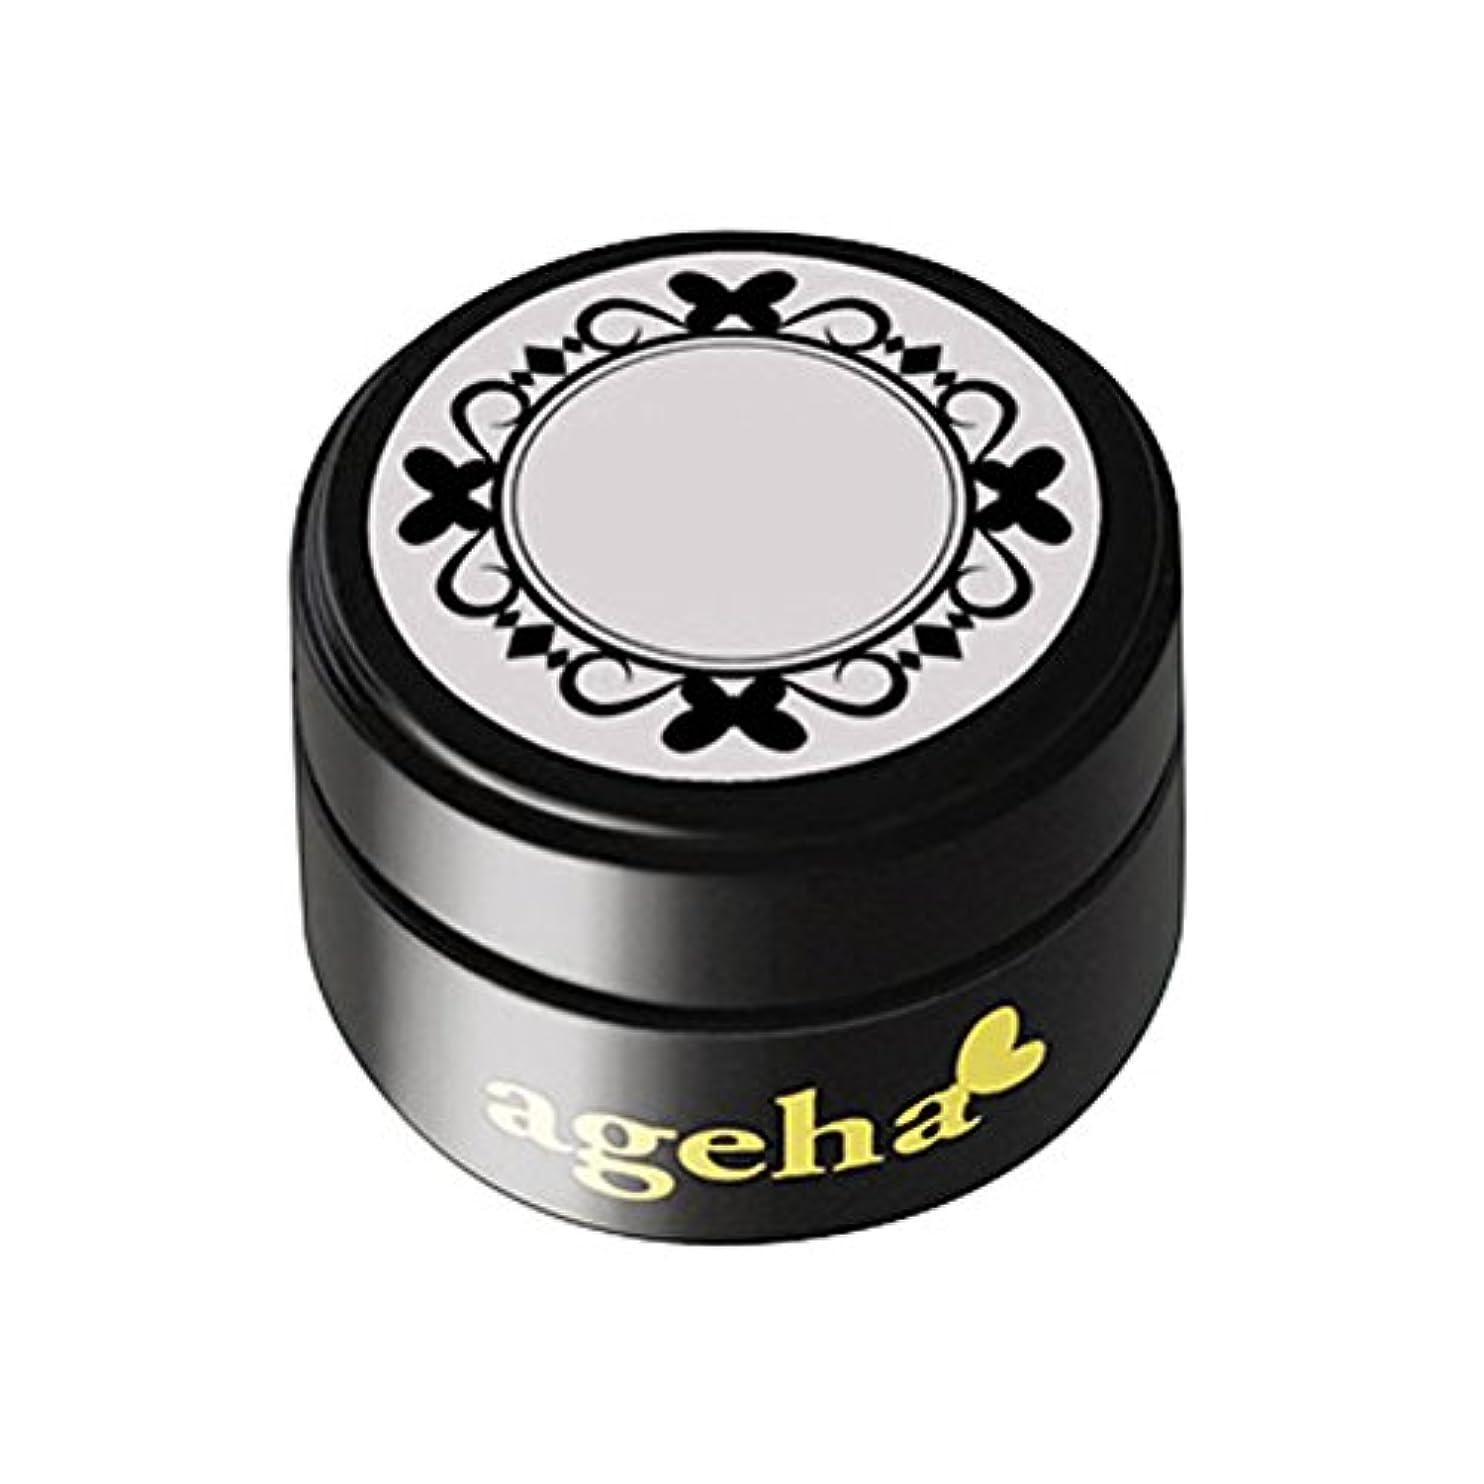 構造絞る冗長ageha gel カラージェル コスメカラー 206 インディアンレッド 2.7g UV/LED対応